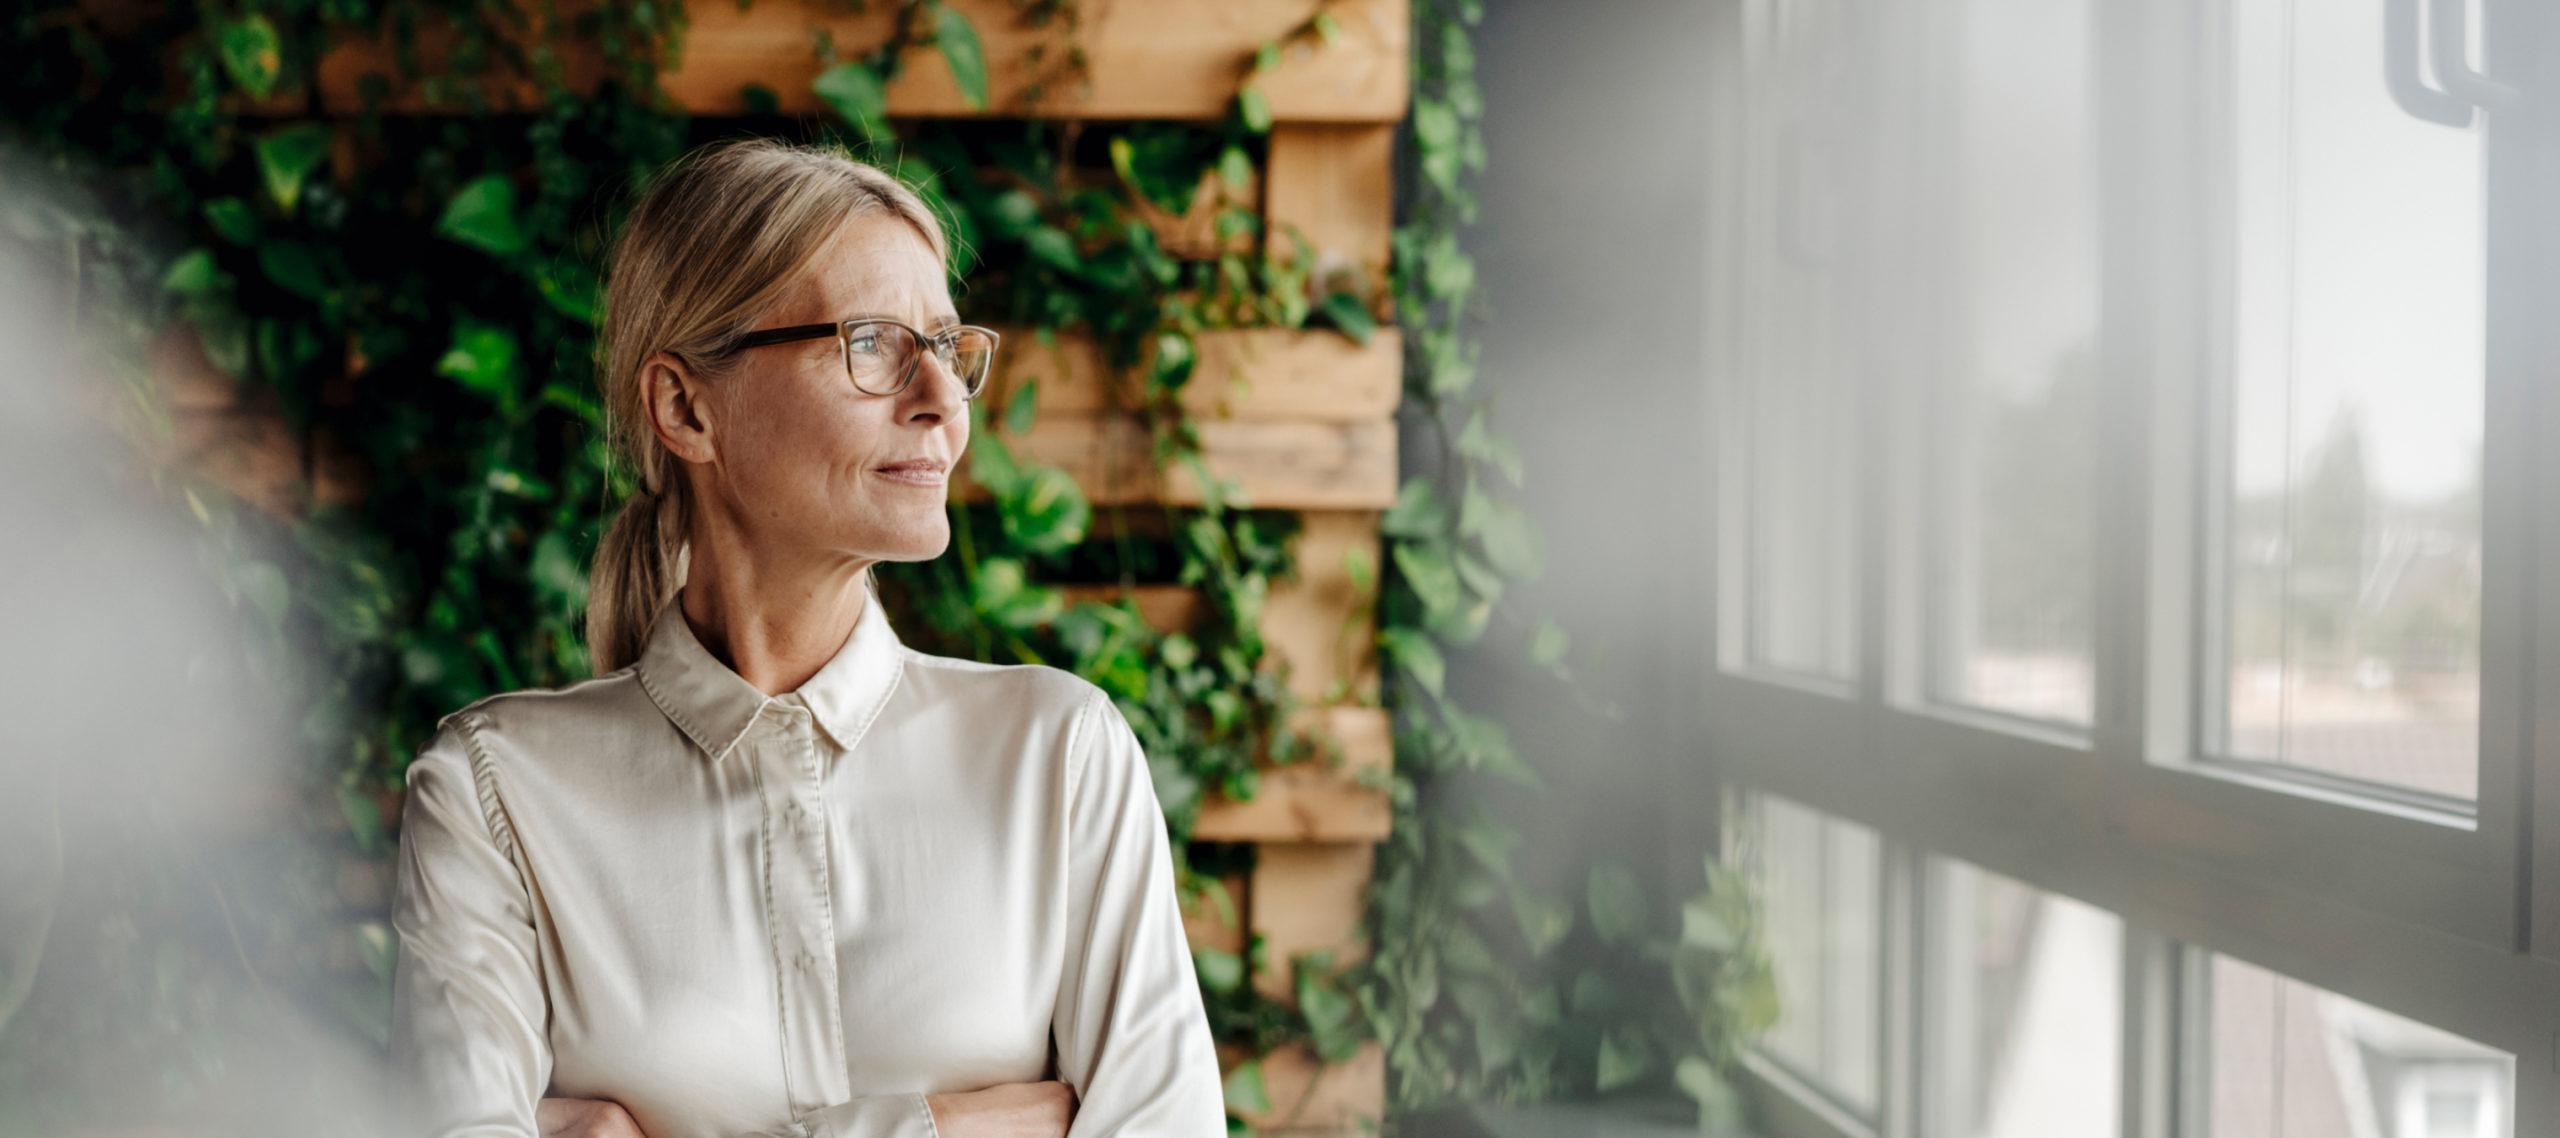 Frau schaut vor begrünter Wand aus dem Fenster